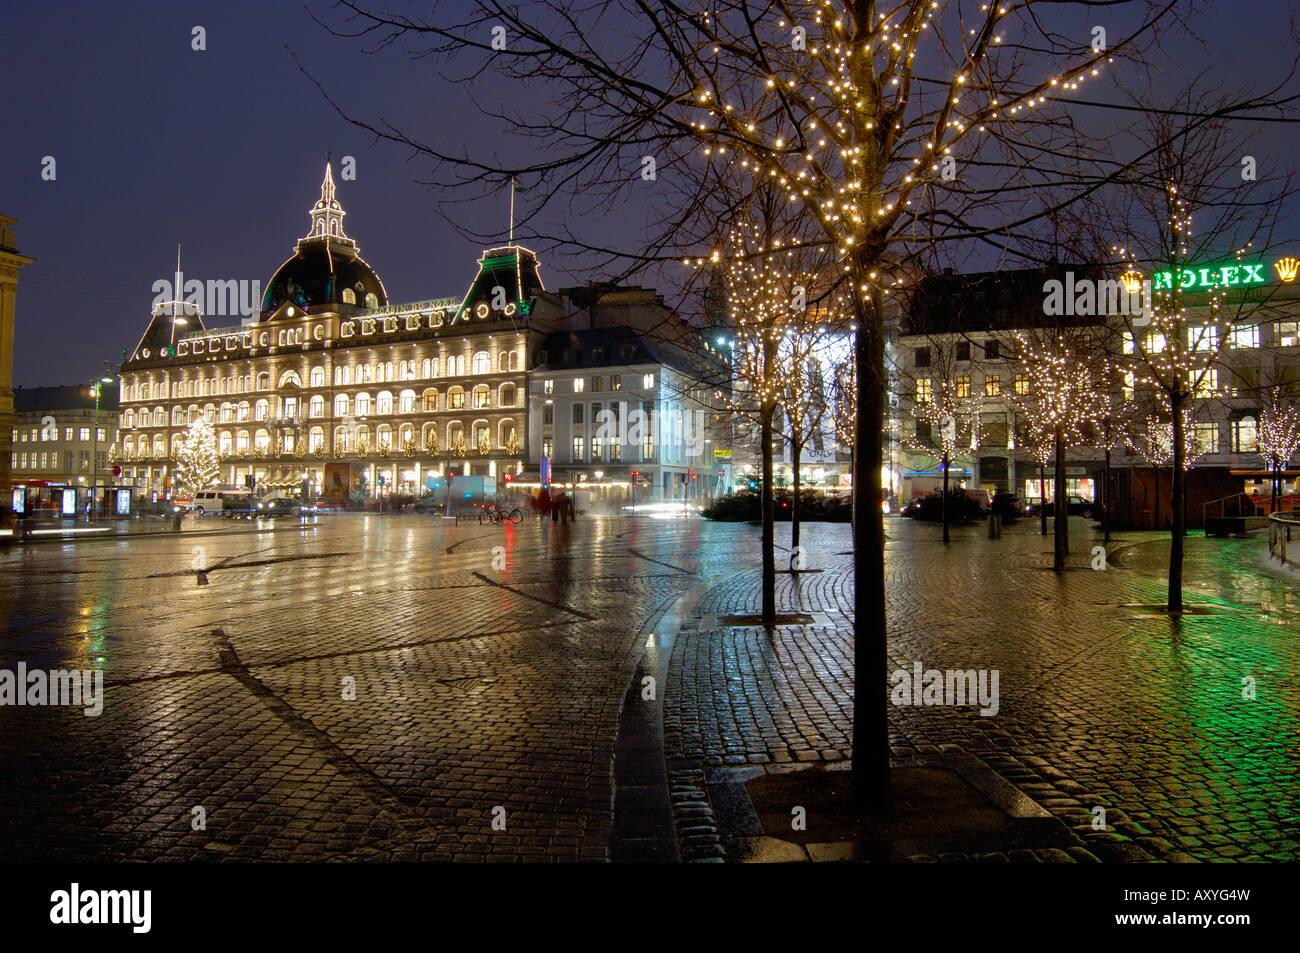 Magasins du Nord at Christmas, Kongens Nytorv, Copenhagen, Denmark, Scandinavia, Europe - Stock Image